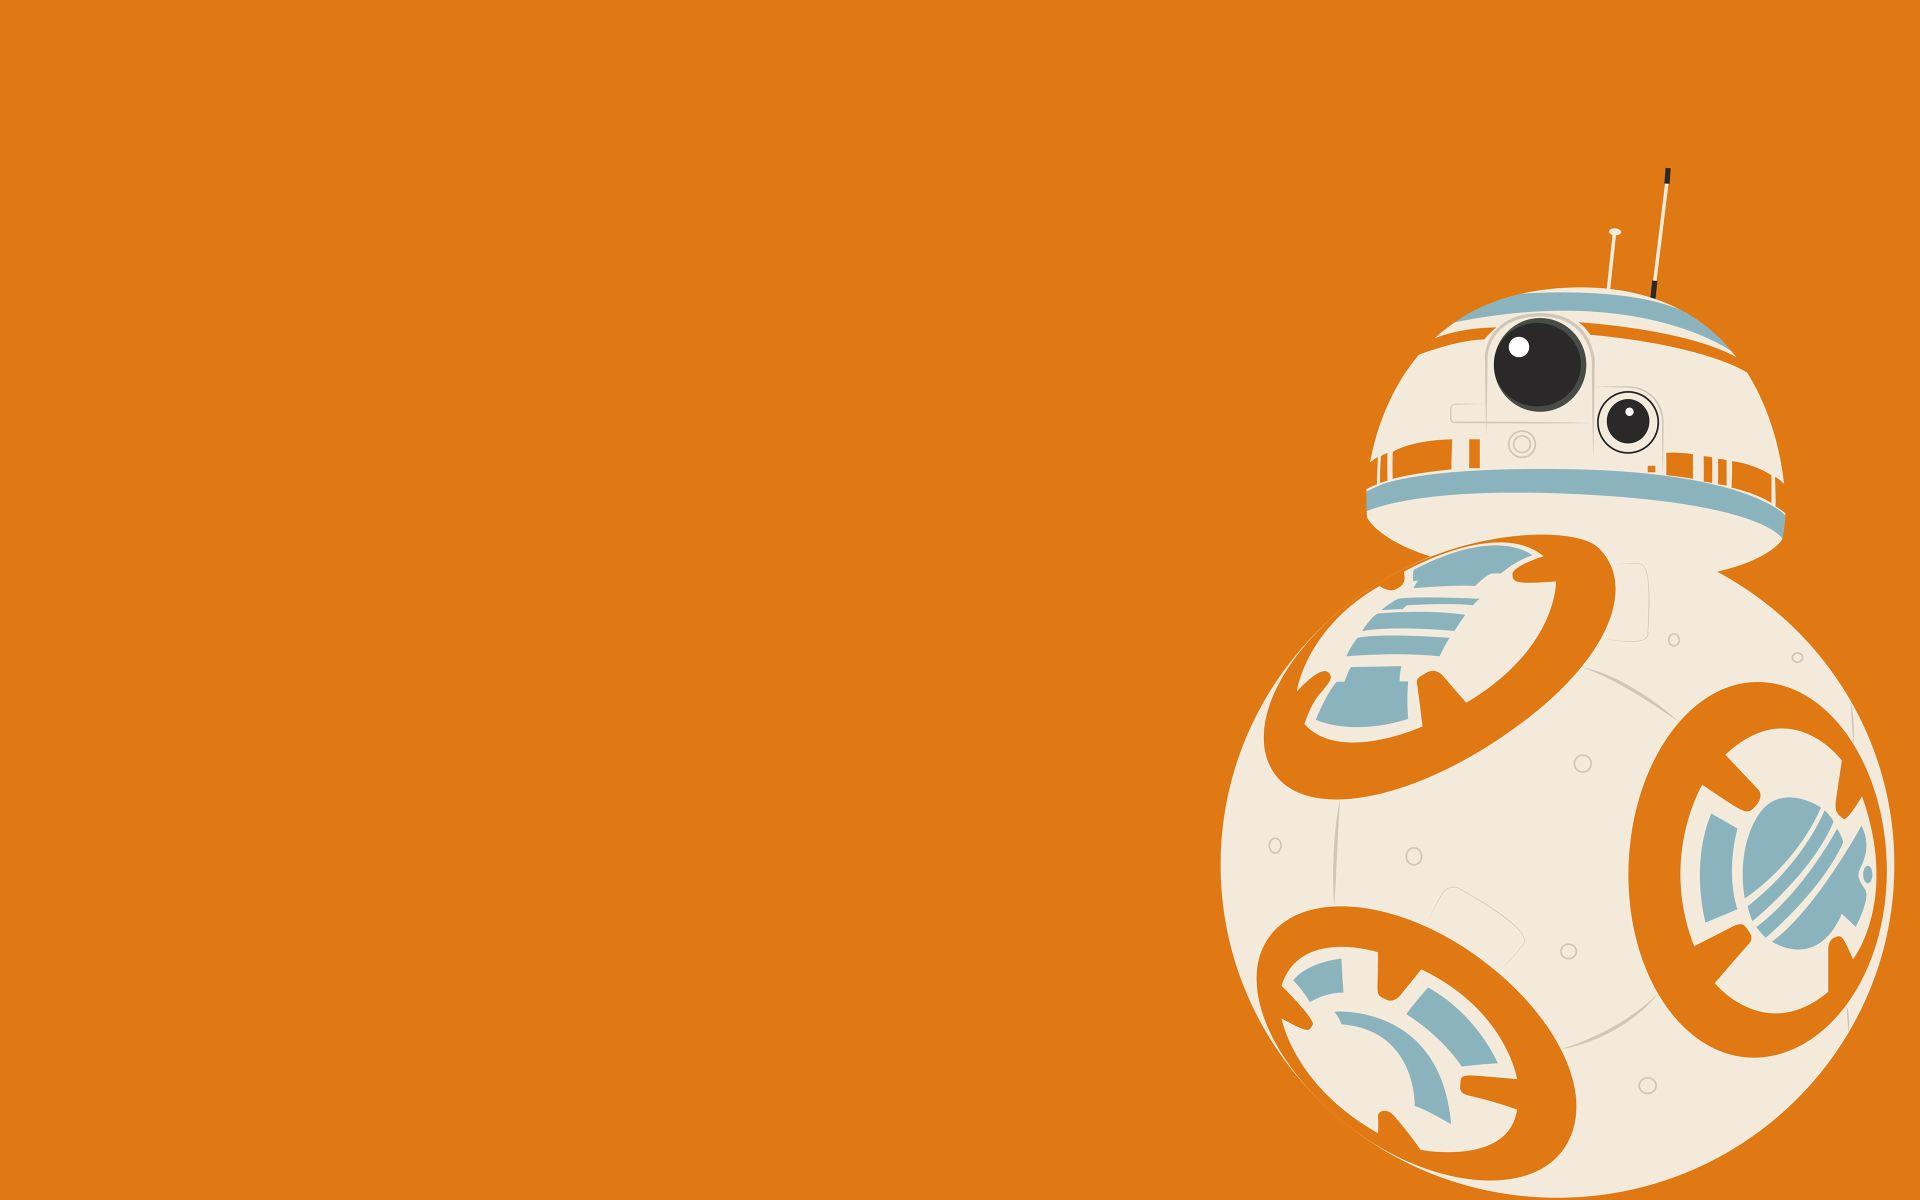 Star Wars Minimalist pc wallpaper